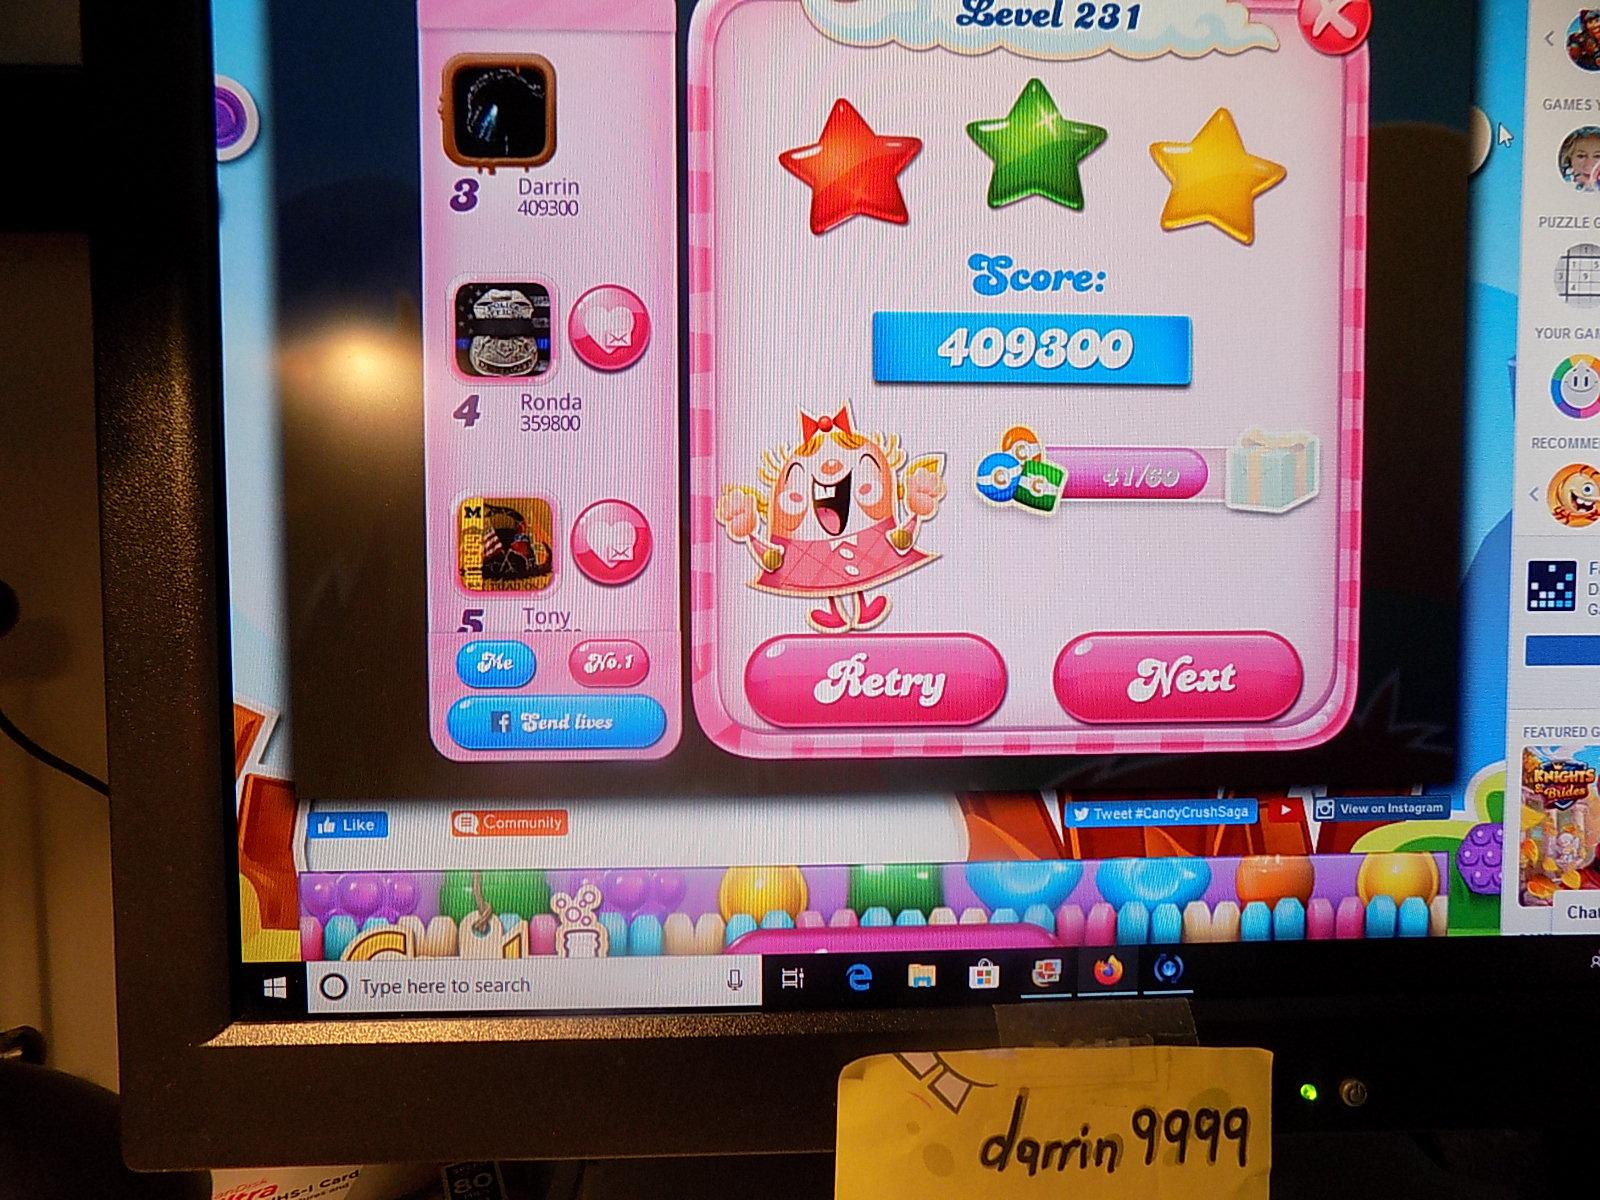 darrin9999: Candy Crush Saga: Level 231 (Web) 409,300 points on 2019-12-15 10:20:26